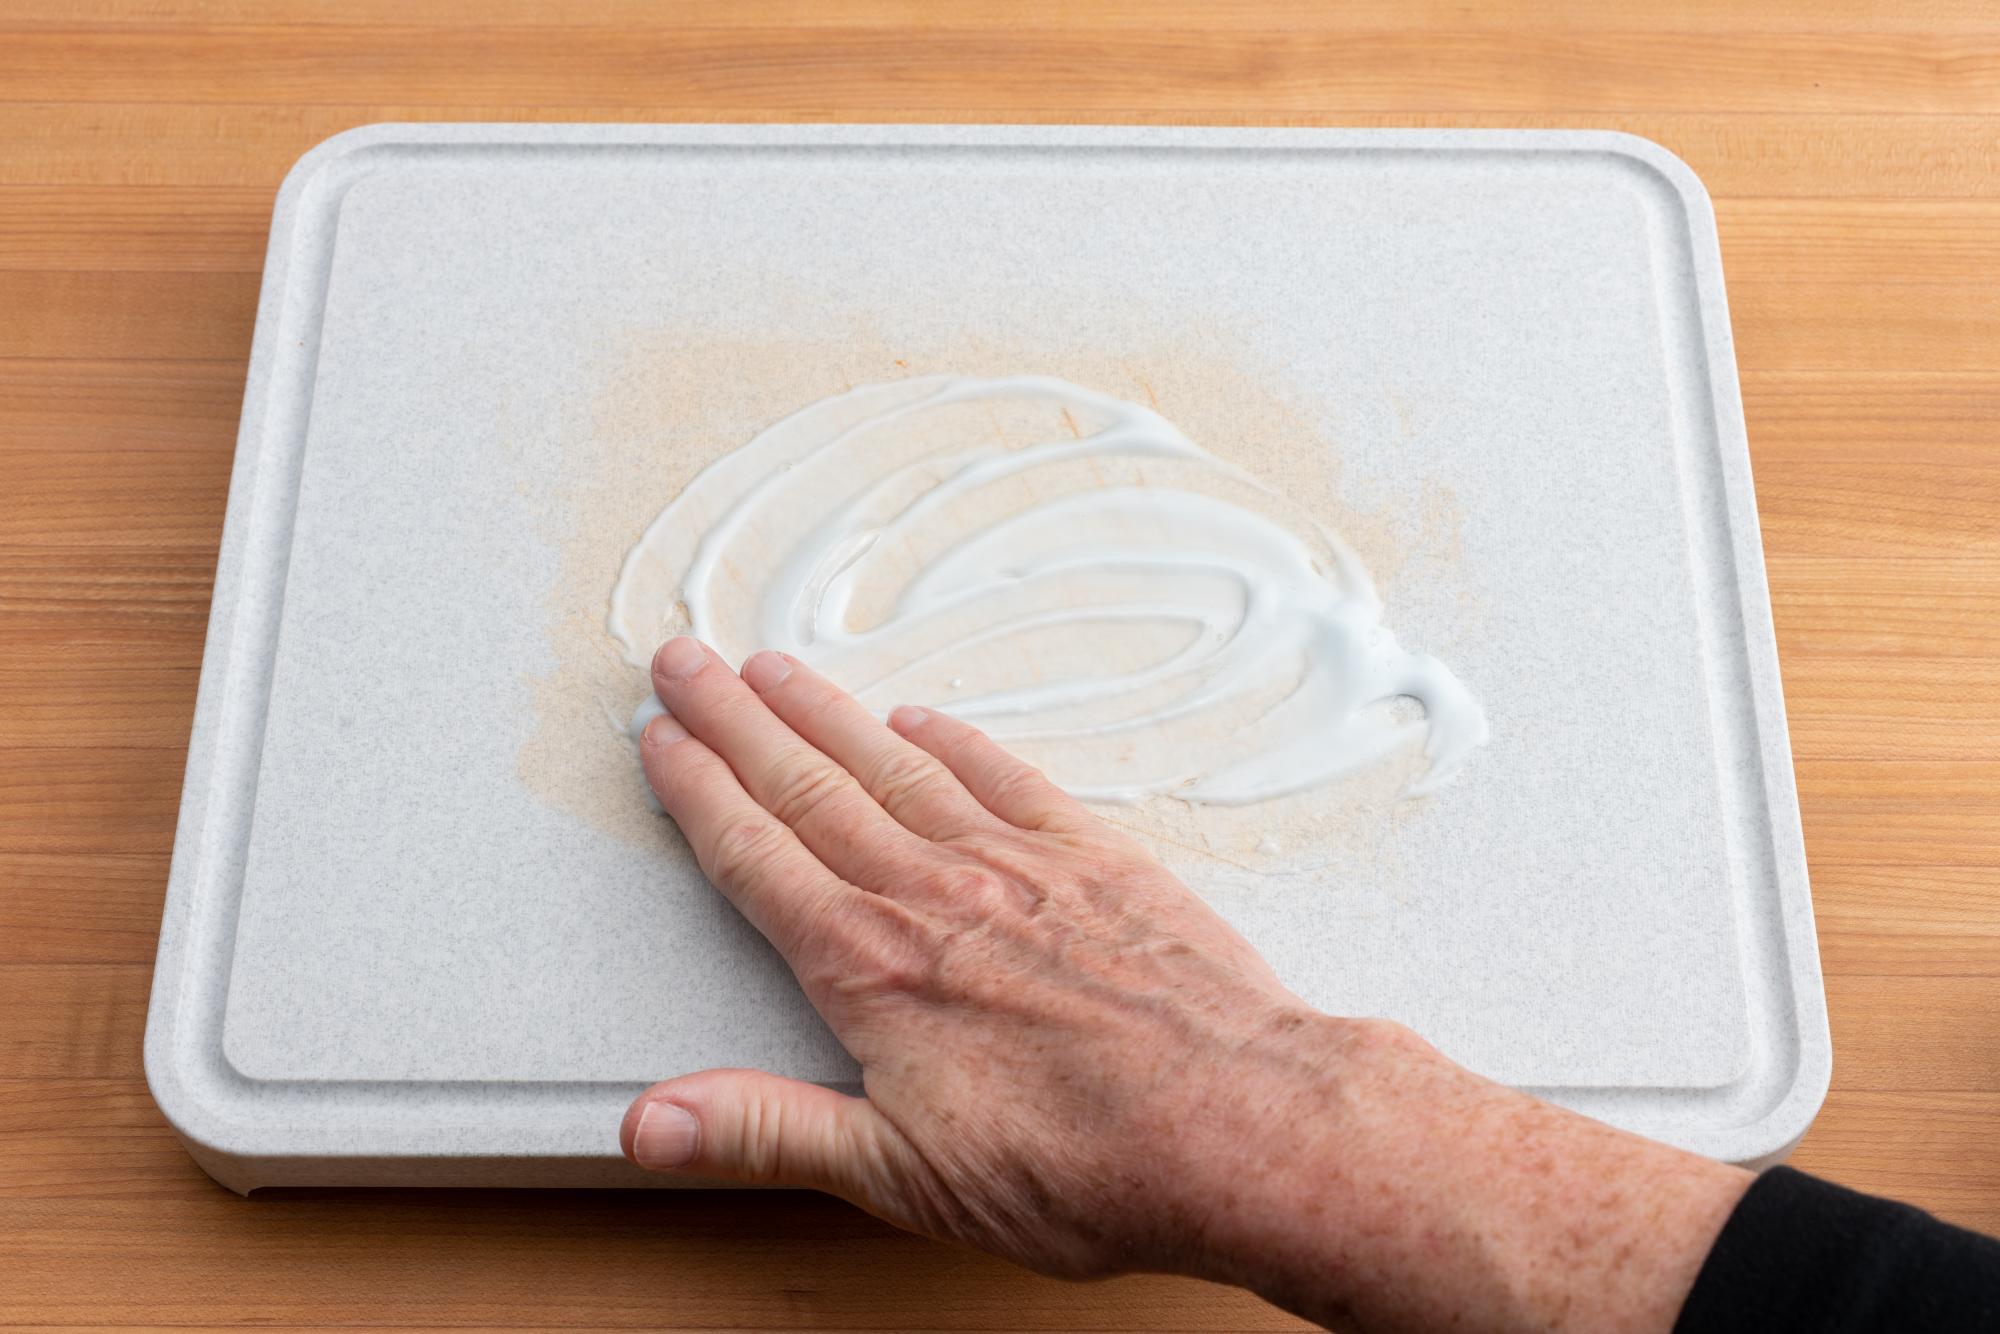 Rubbing the paste onto the board.